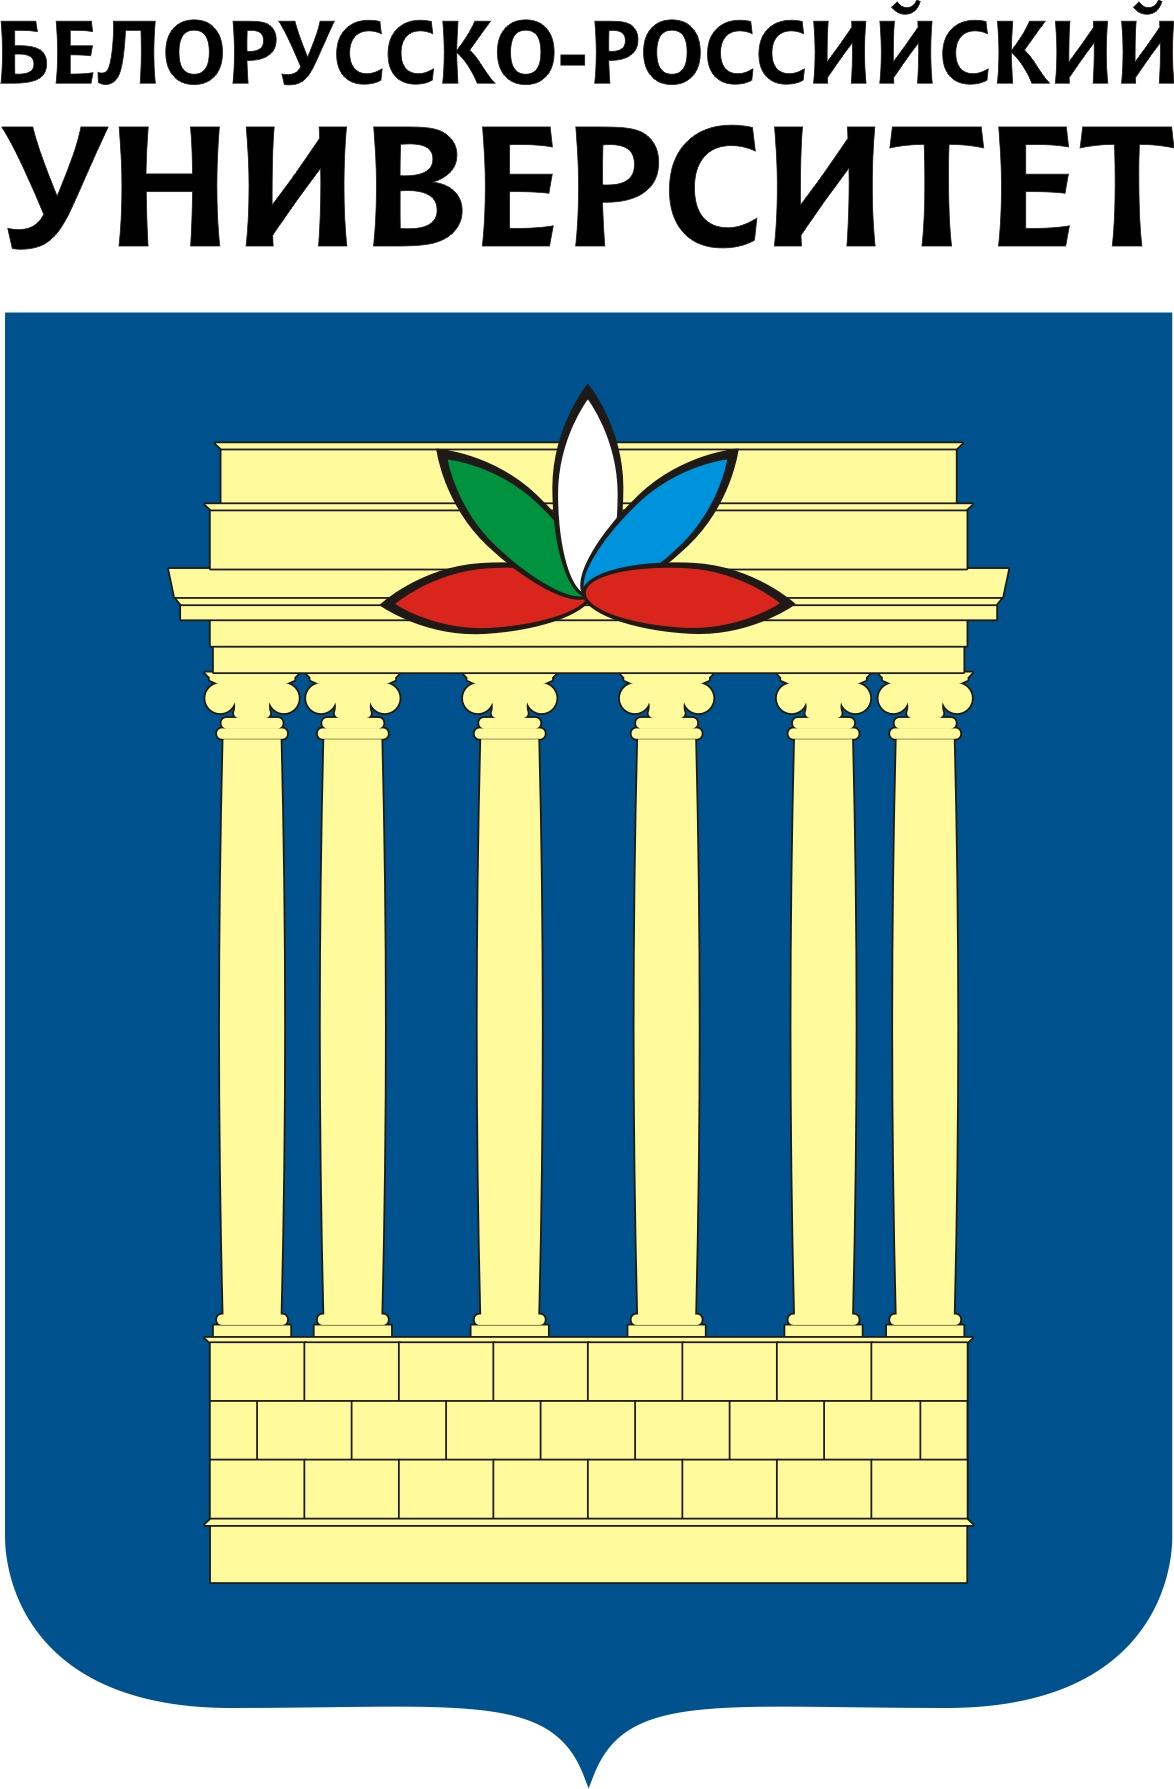 Логотип БРУ